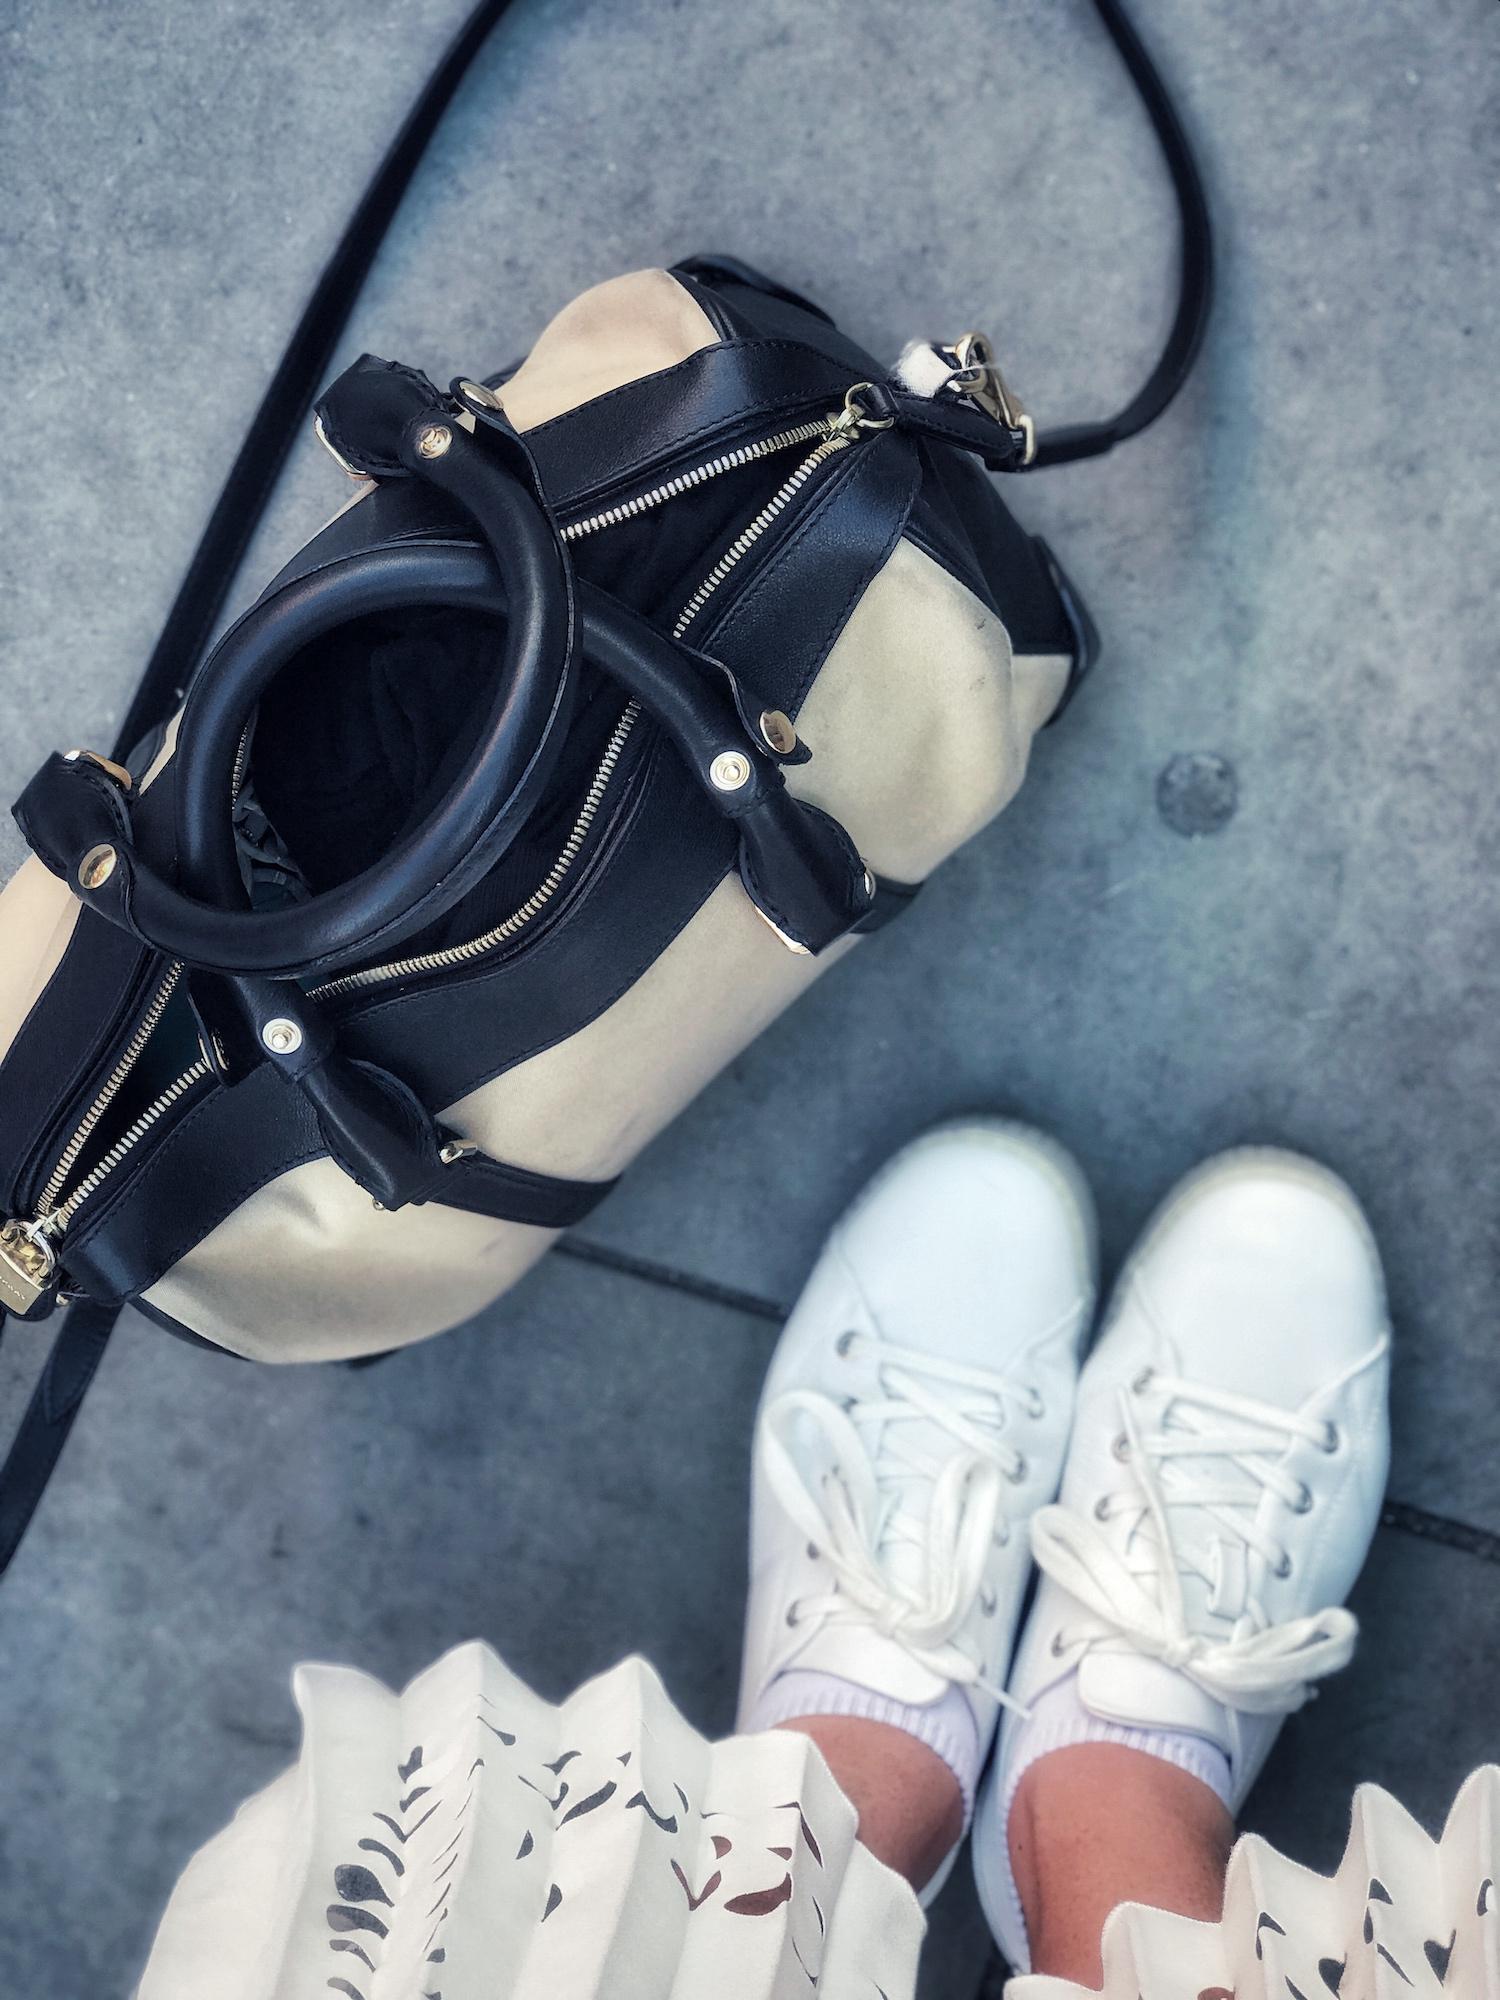 My Zara trainers